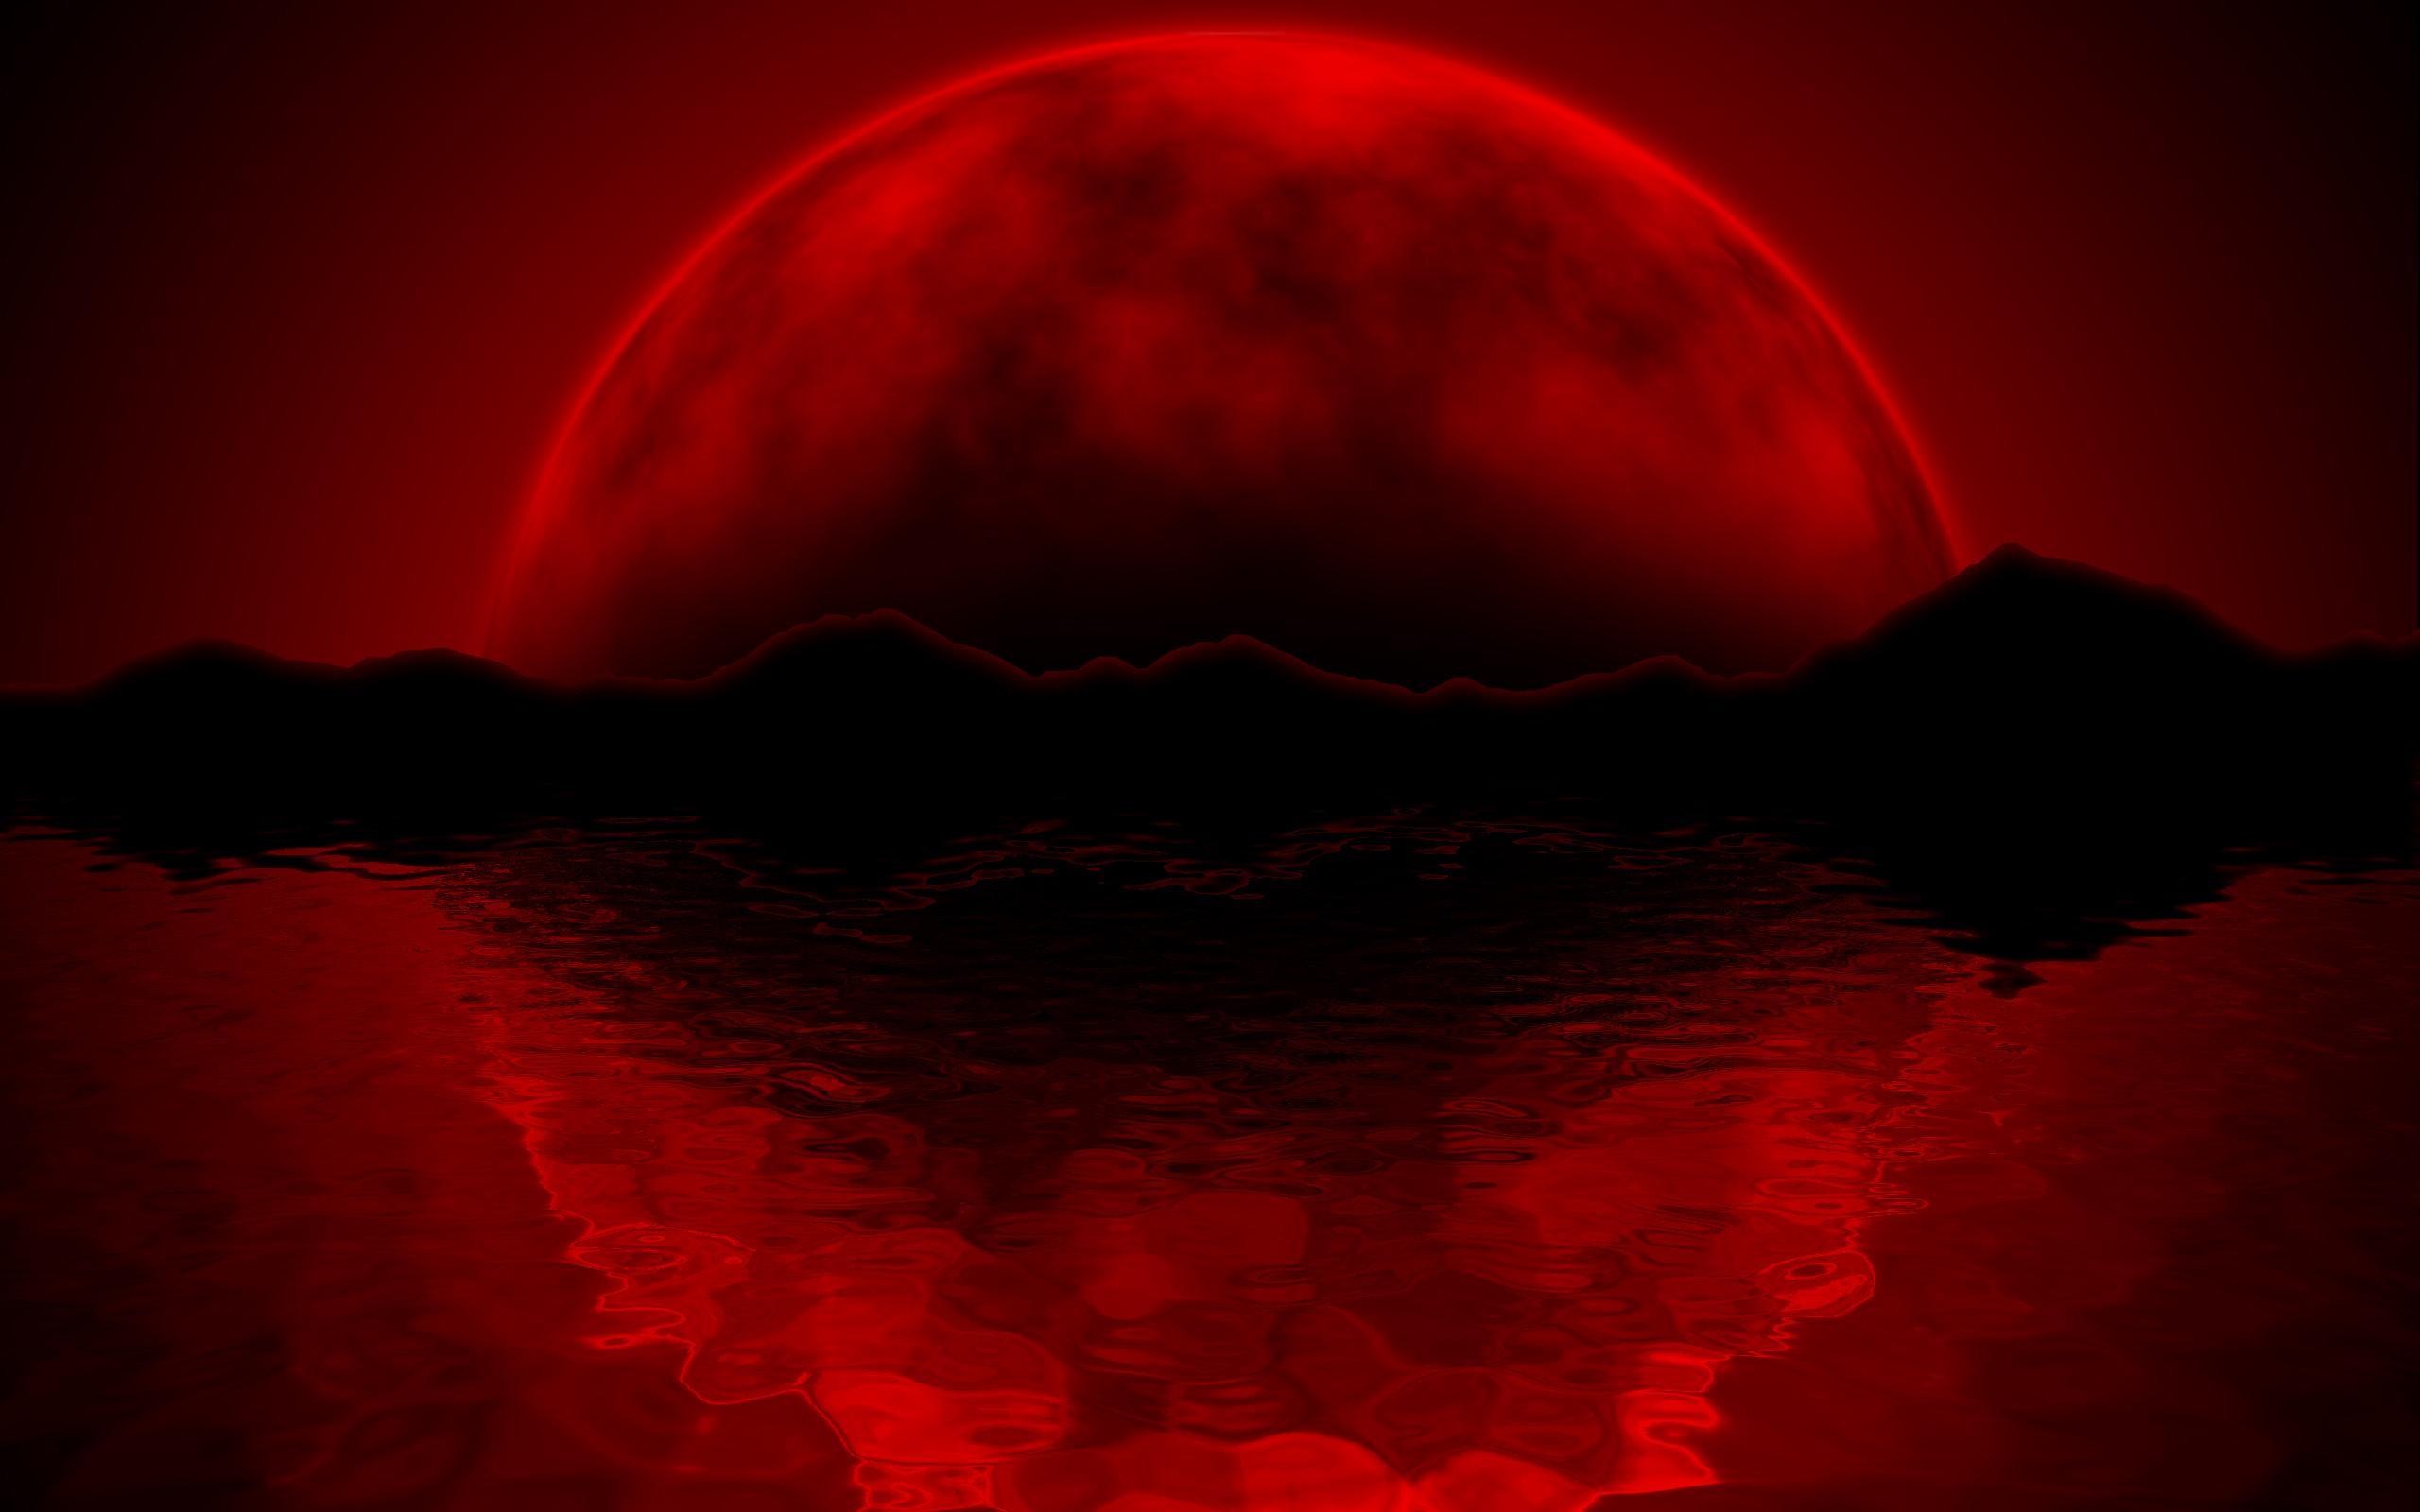 Red Moon Wallpaper - WallpaperSafari